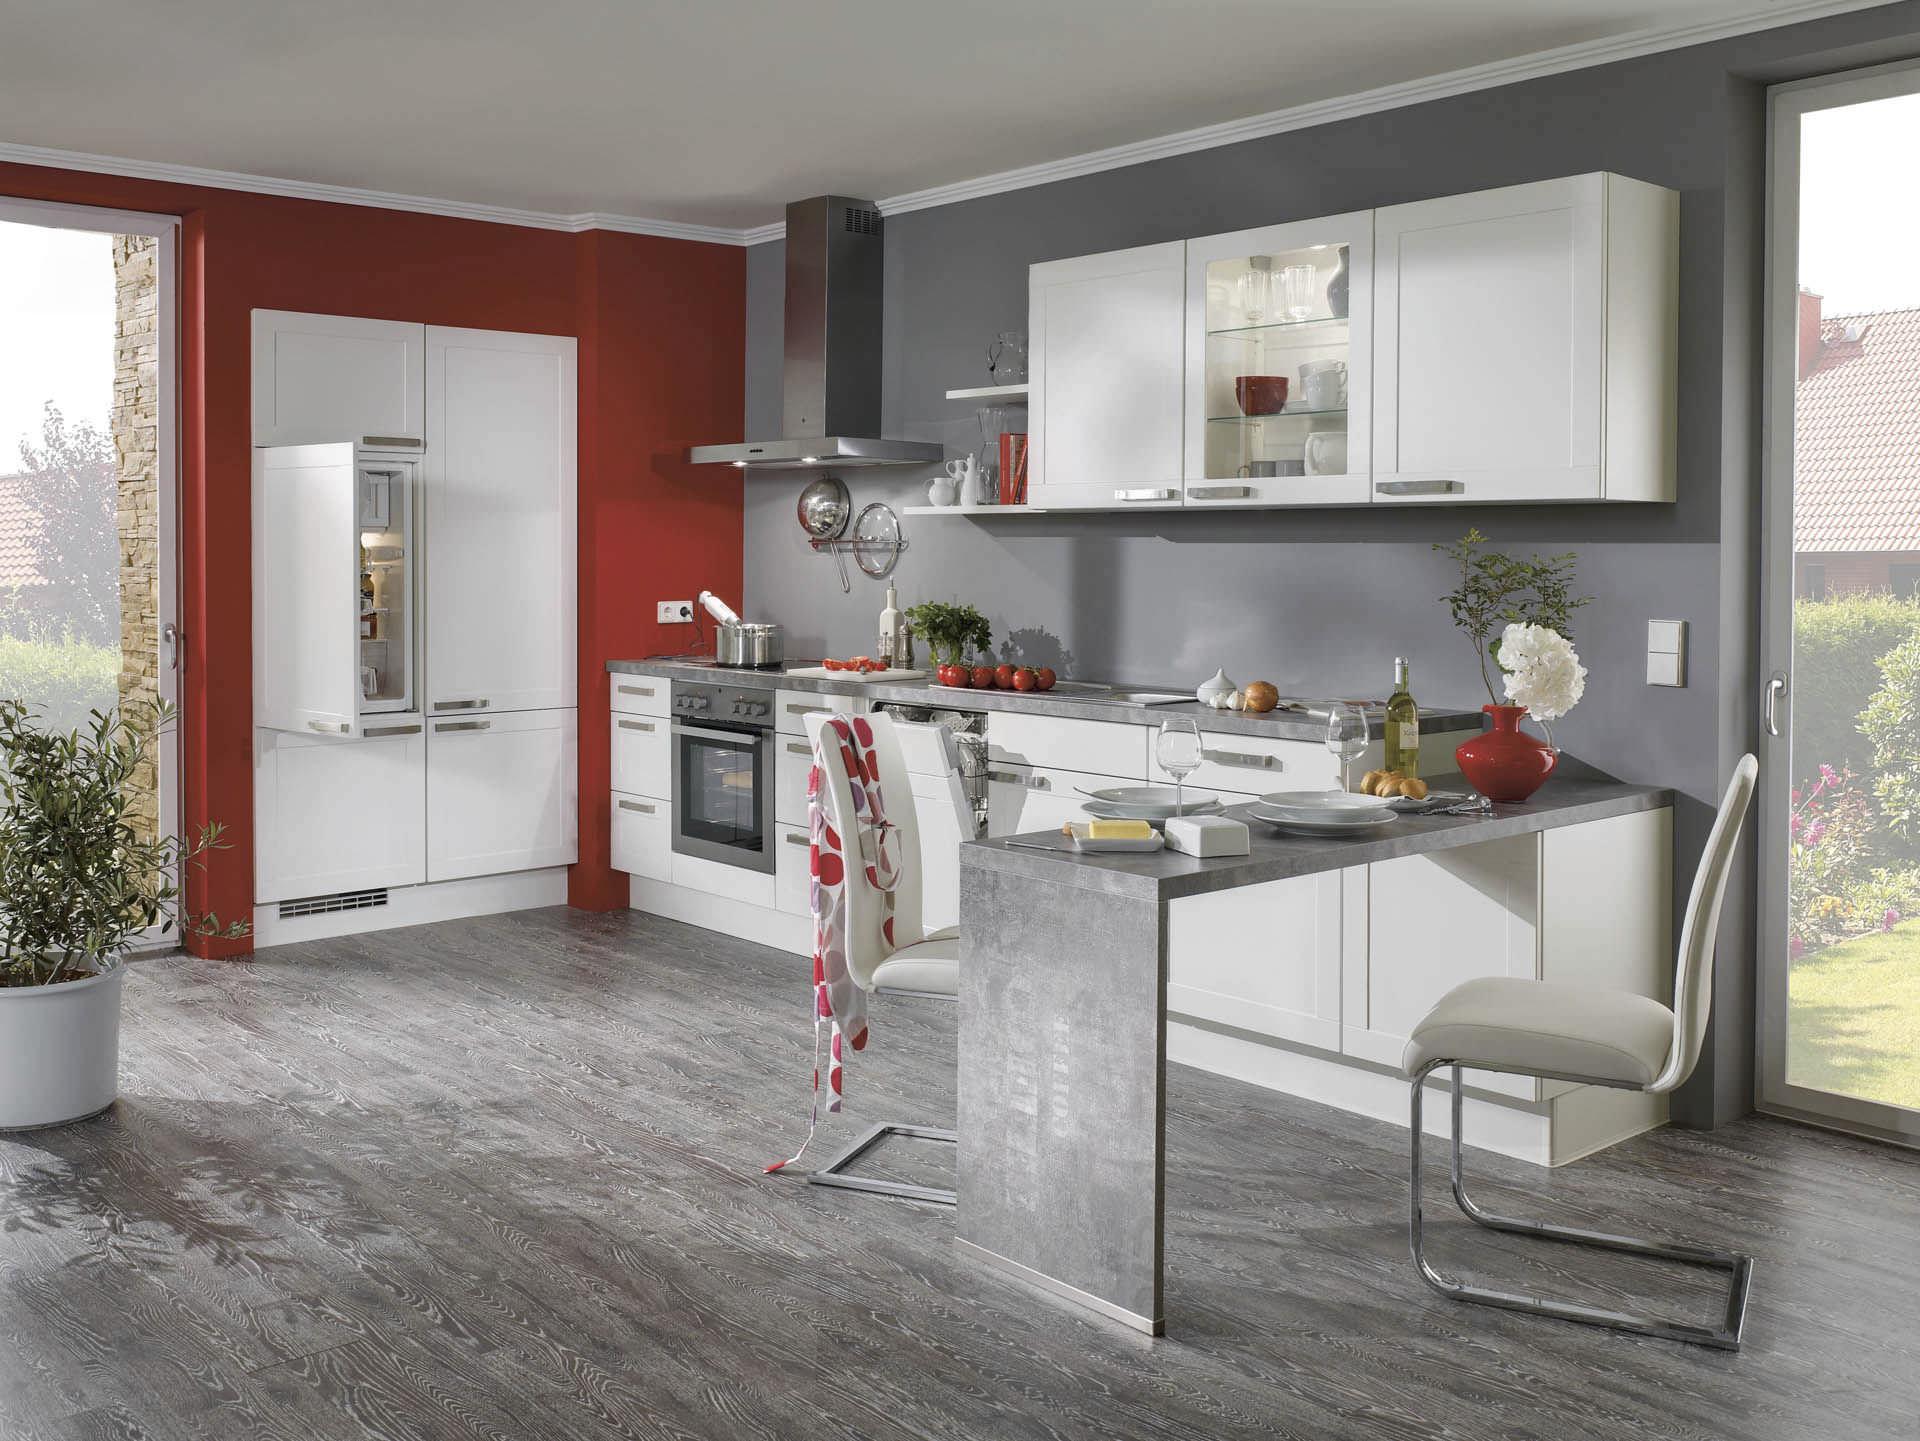 Full Size of Nobilia Alba Moderne Kche 679 Marmor Lackiert Mit Griffen Küche Einbauküche Wohnzimmer Nobilia Alba